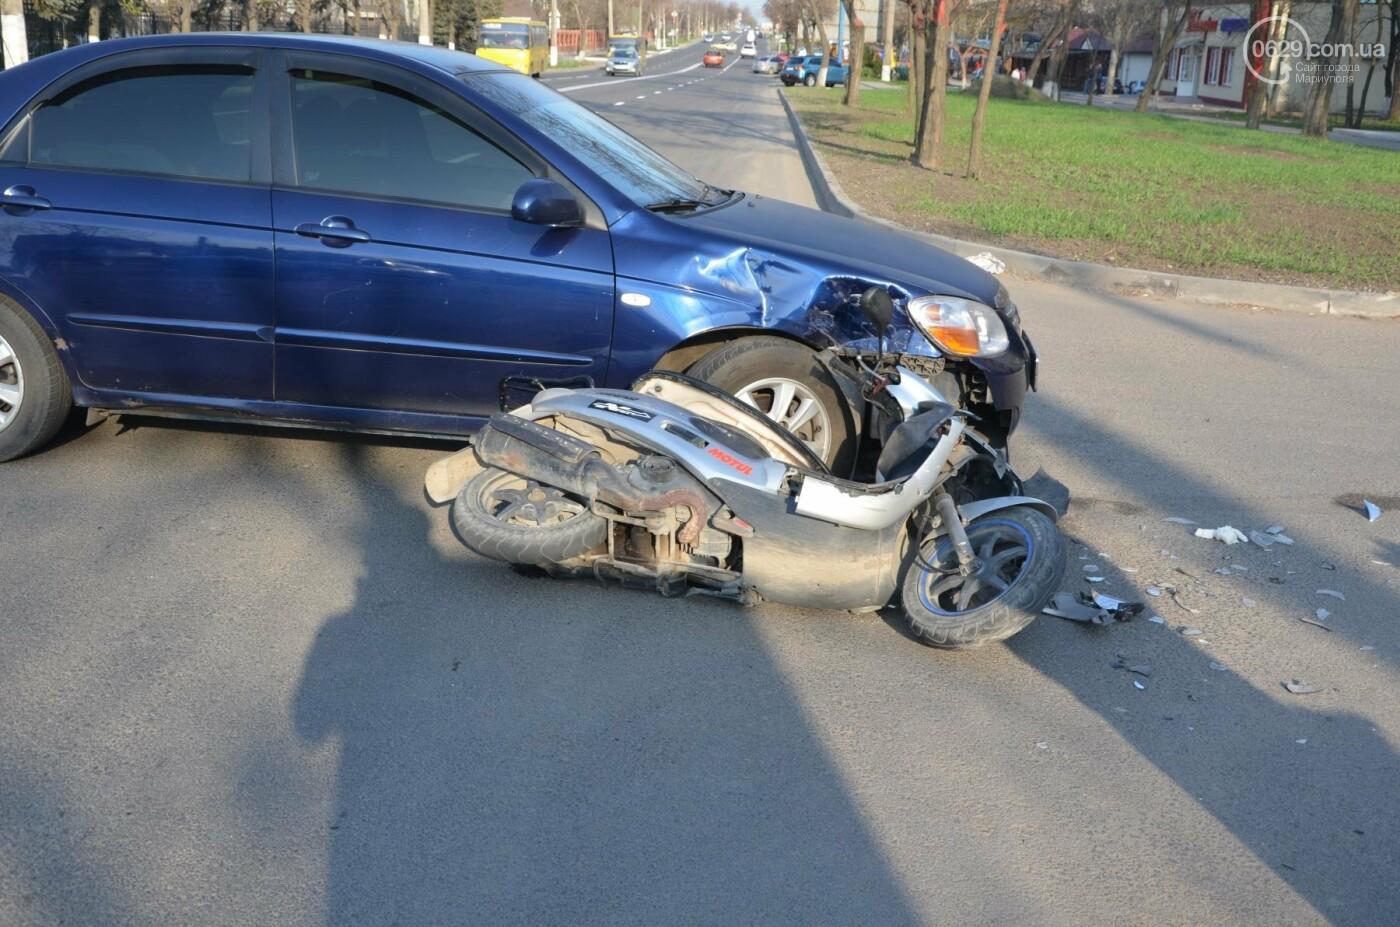 В Мариуполе легковой автомобиль раздавил мопед. Водитель чудом уцелел (ФОТО+ВИДЕО), фото-1